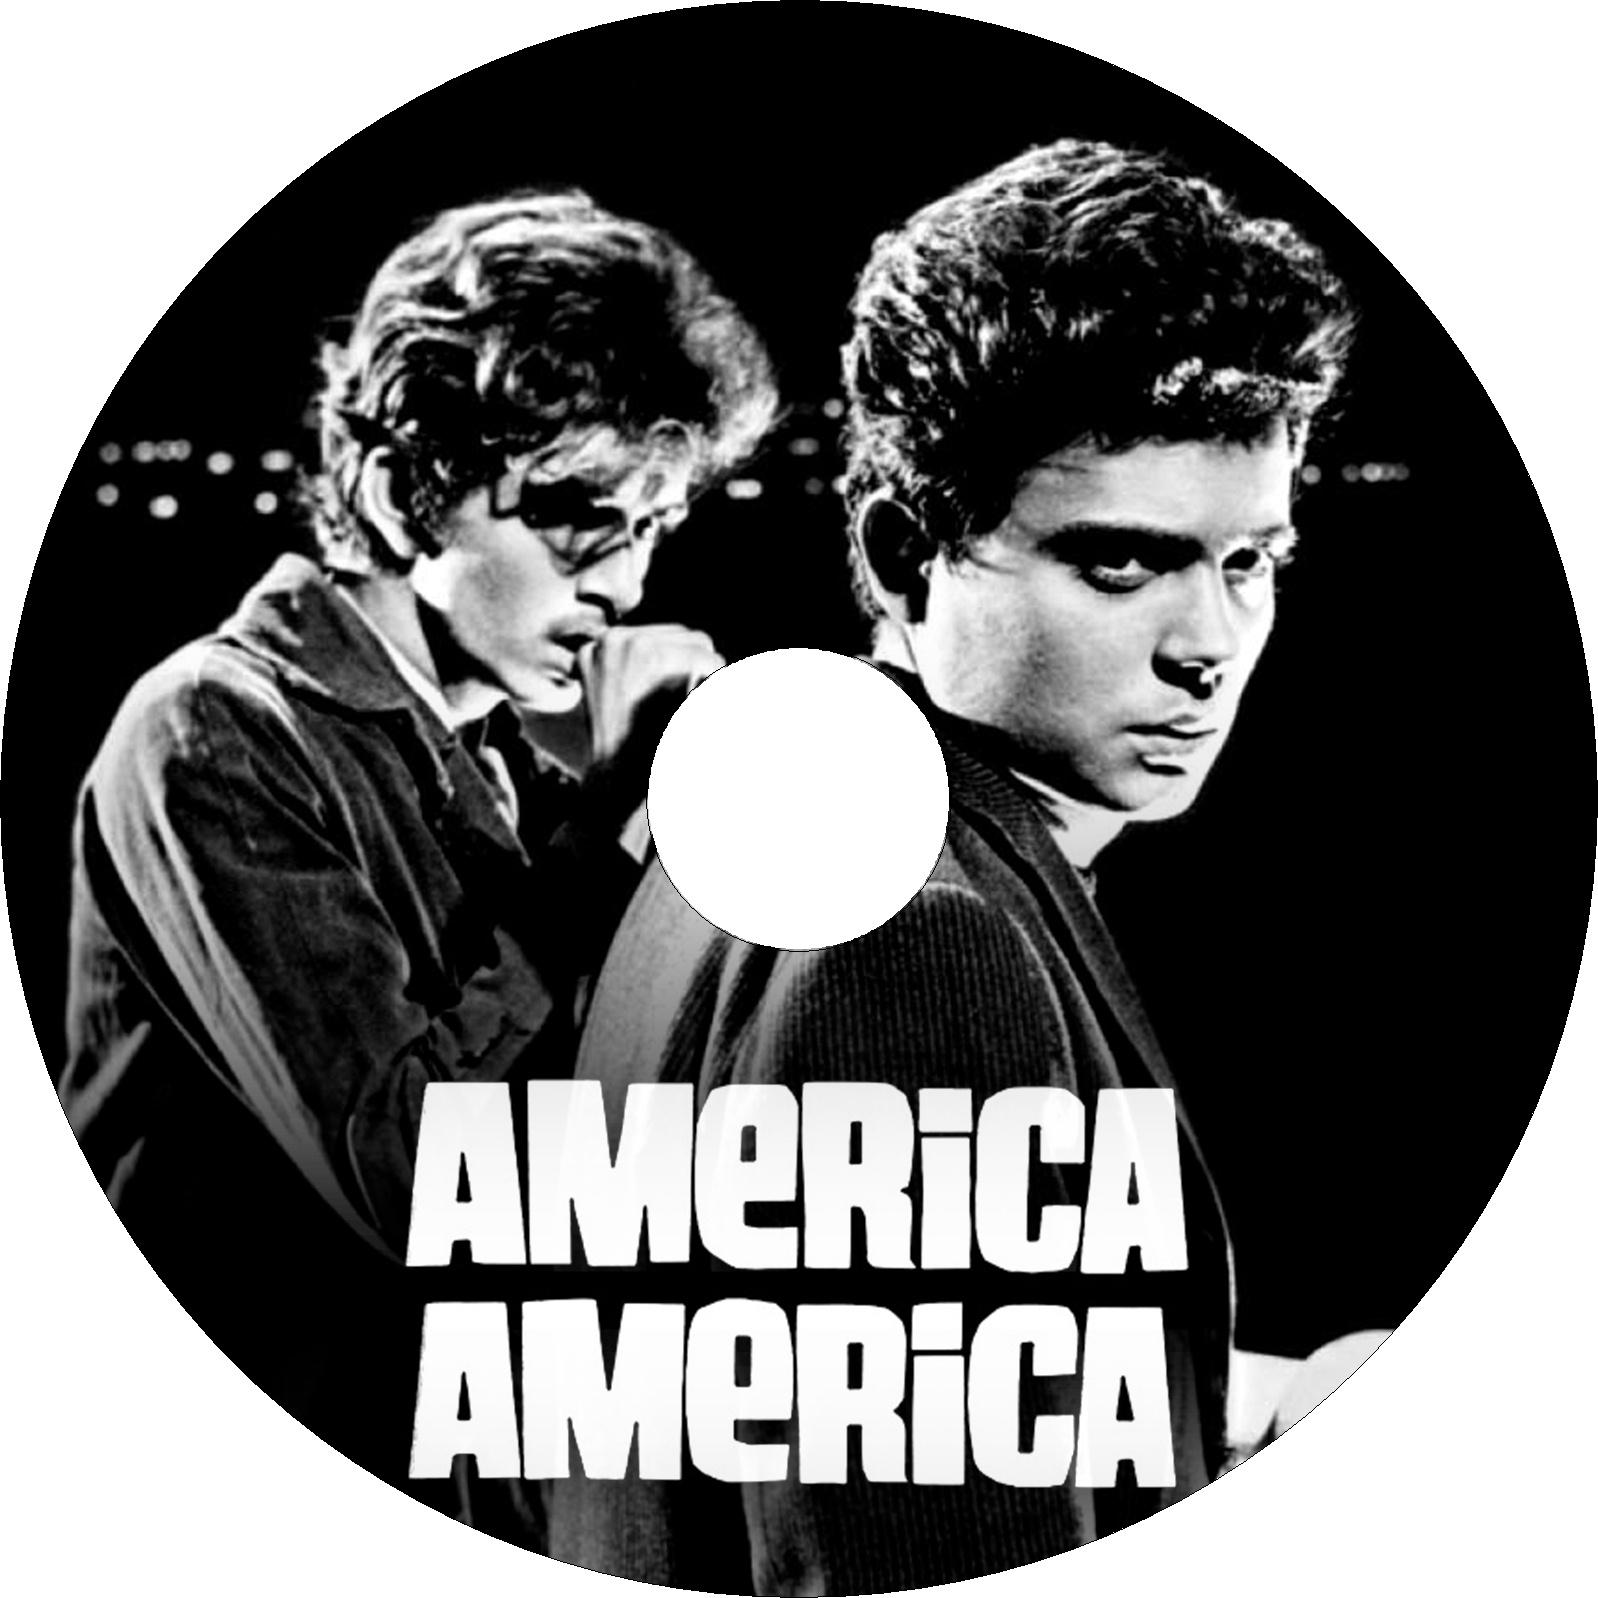 アメリカ アメリカ ラベル